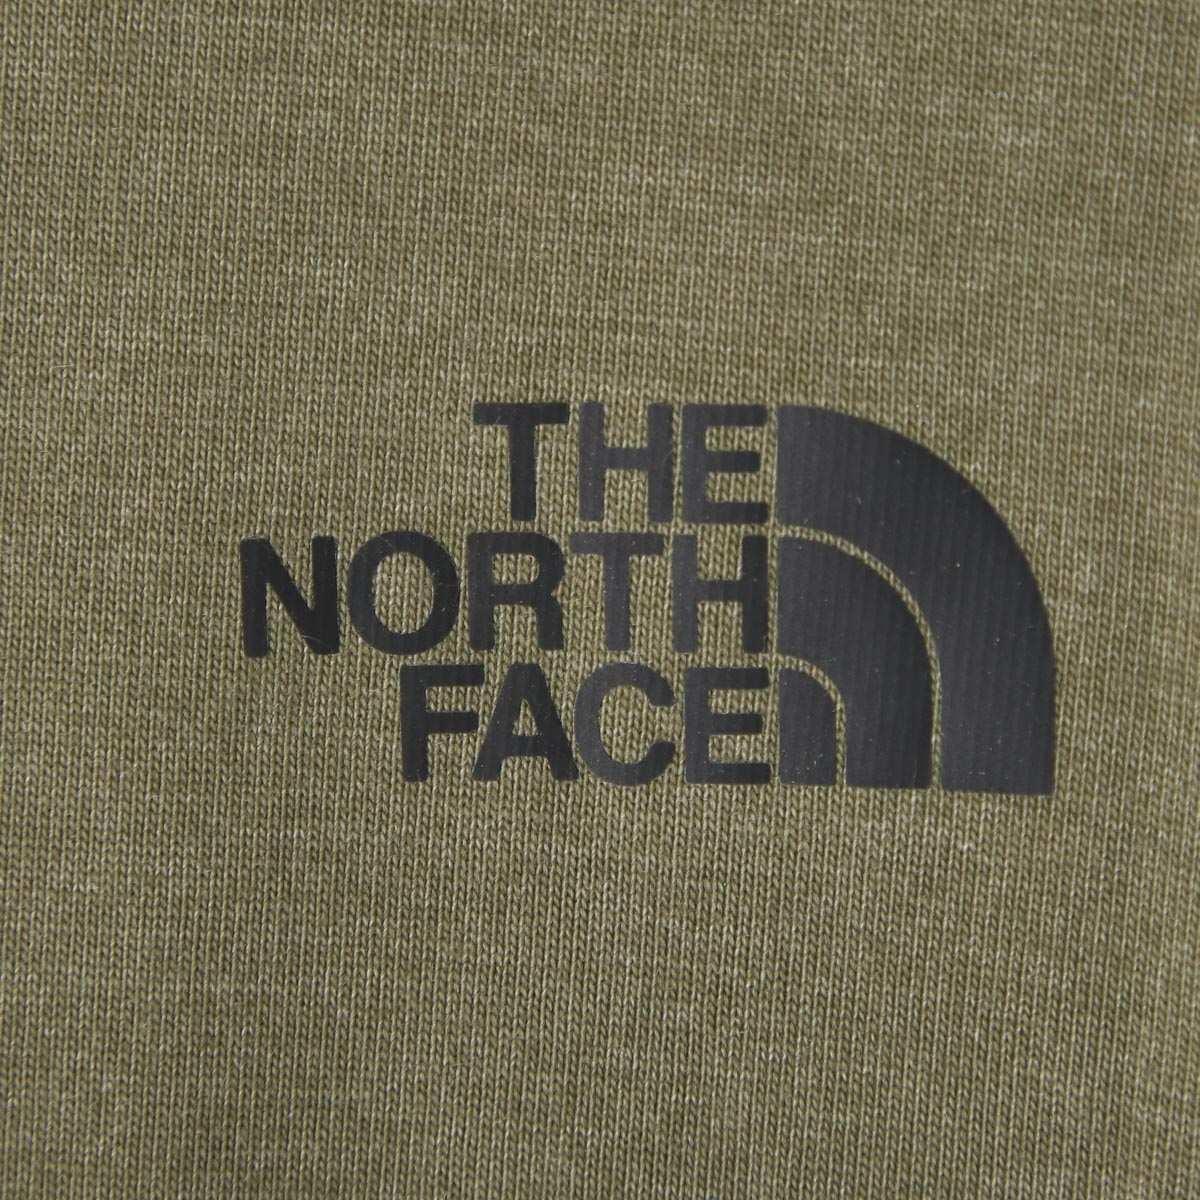 THE NORTH FACE ノースフェイス クルーネック Tシャツ メンズ